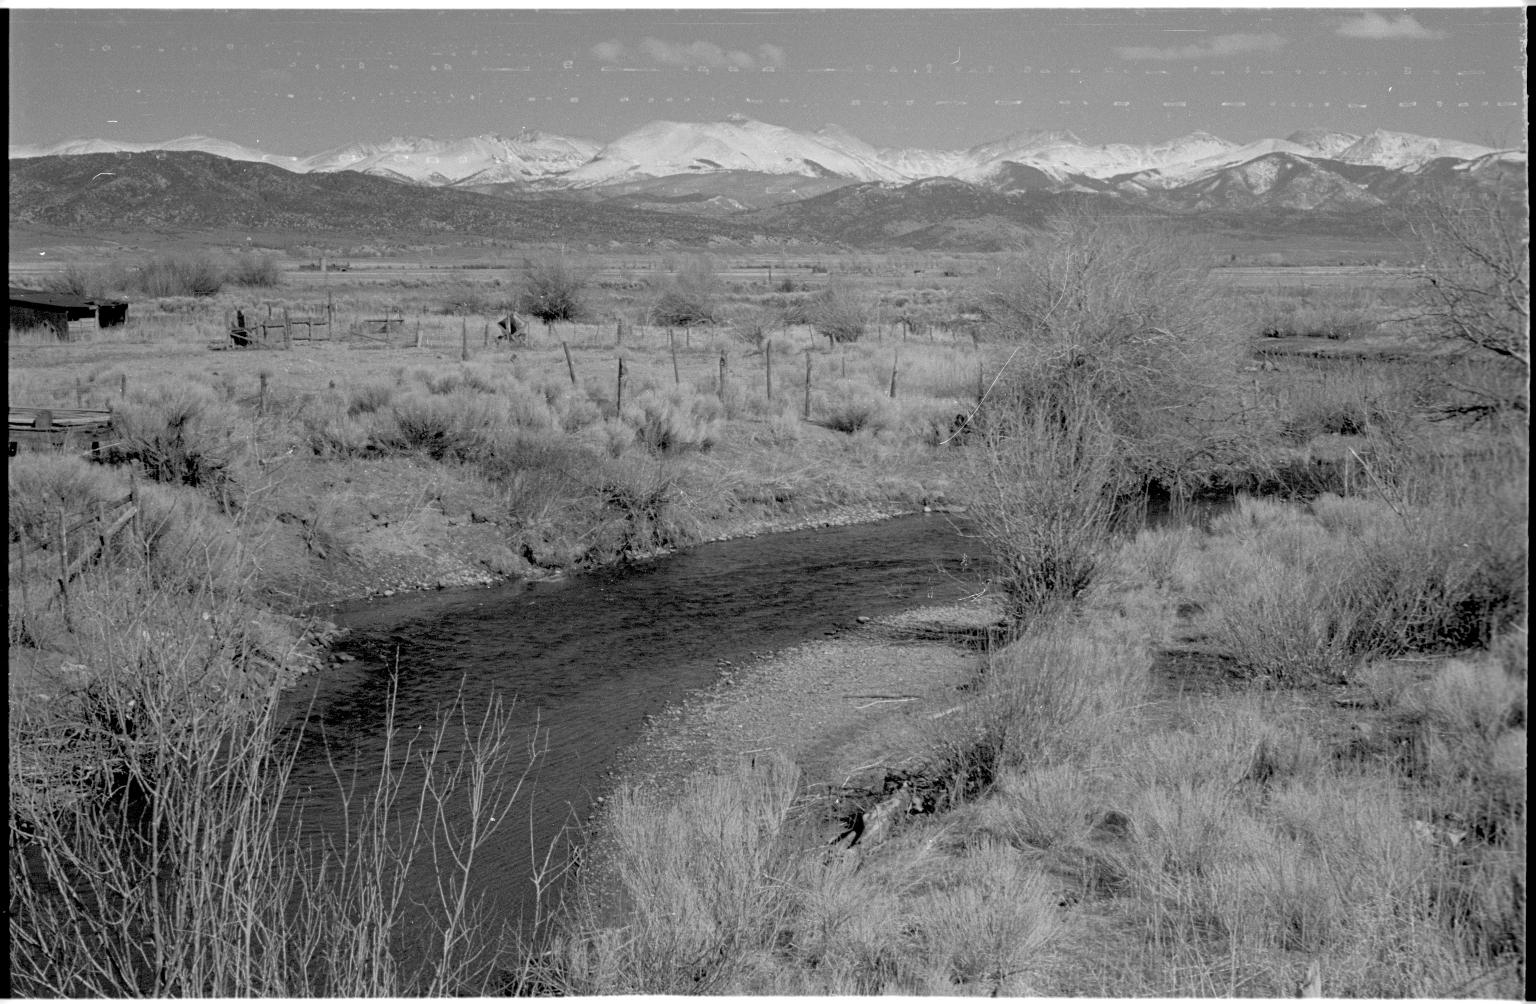 Scenery near Santa Fe